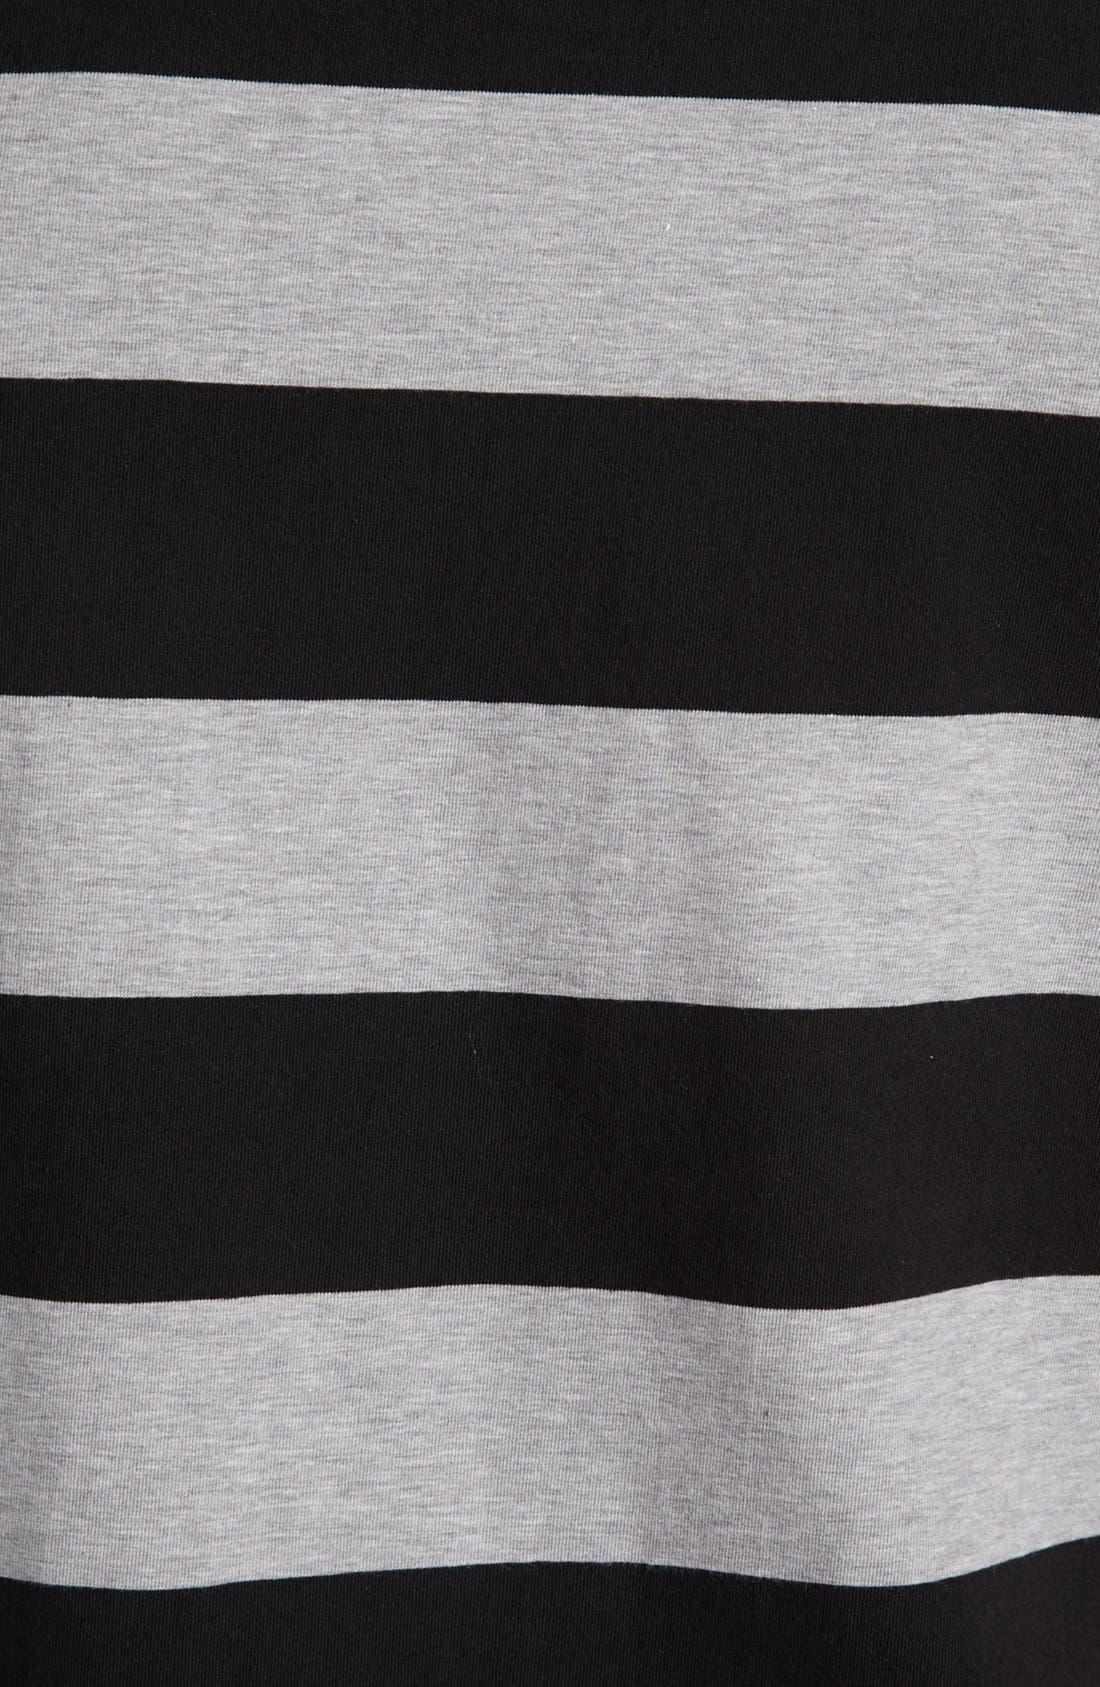 Alternate Image 3  - BOSS HUGO BOSS Stripe T-Shirt